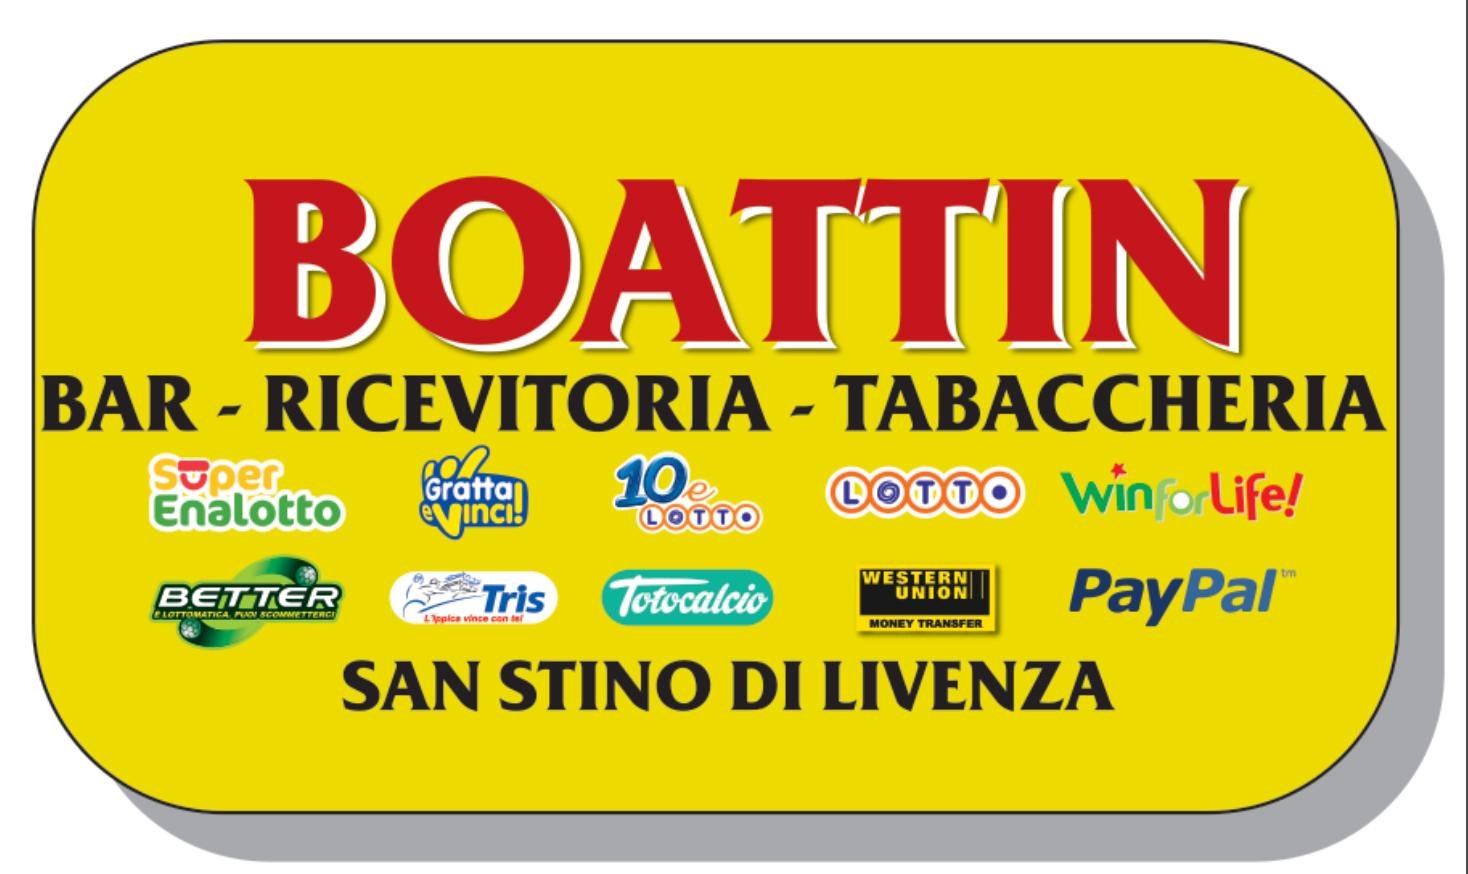 Boattin